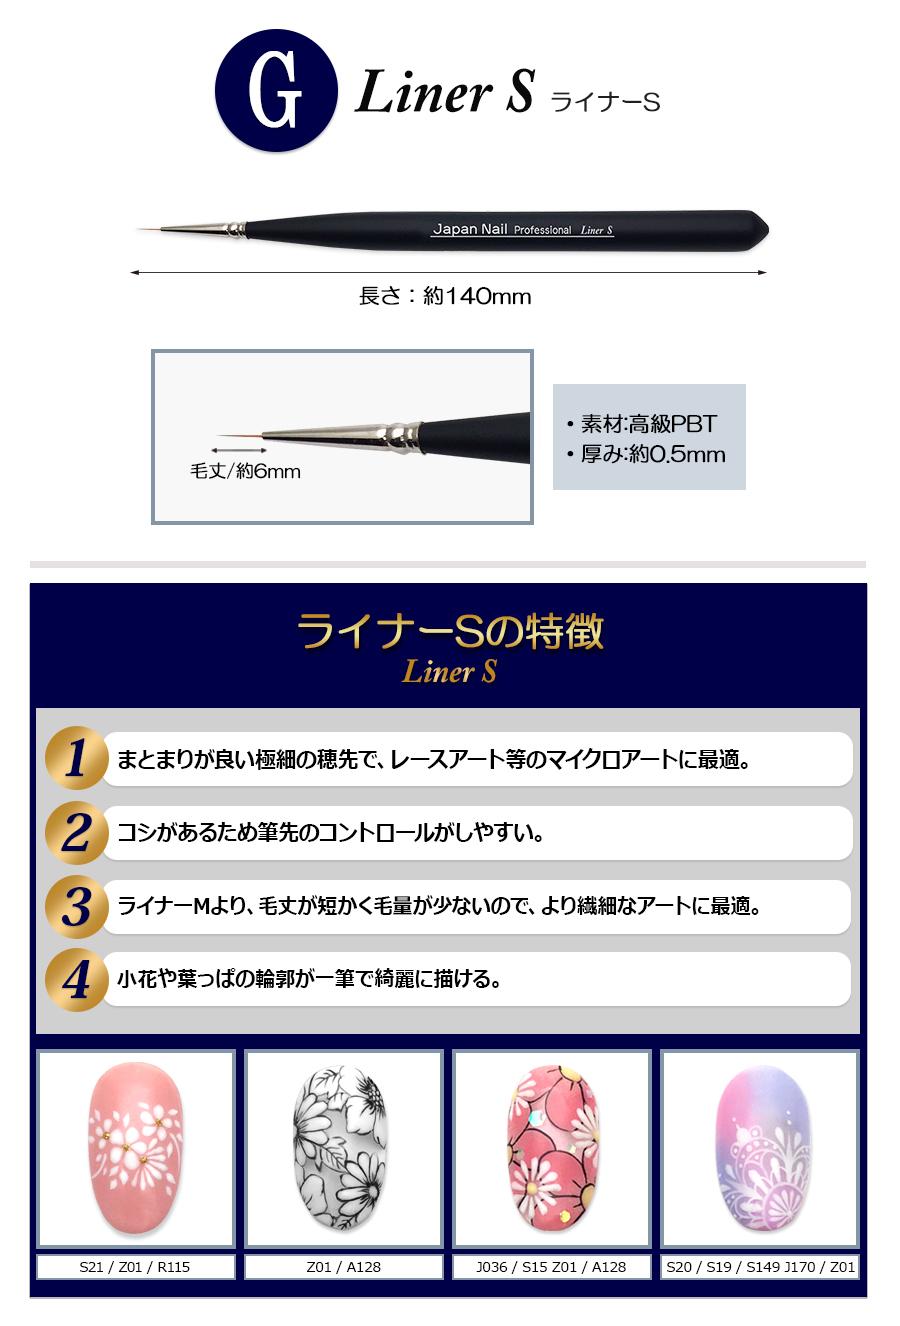 【ライナーS】 日本製 ジャパンネイル プロフェッショナル ネイルブラシシリーズ メイドインジャパン【HLS_DU】